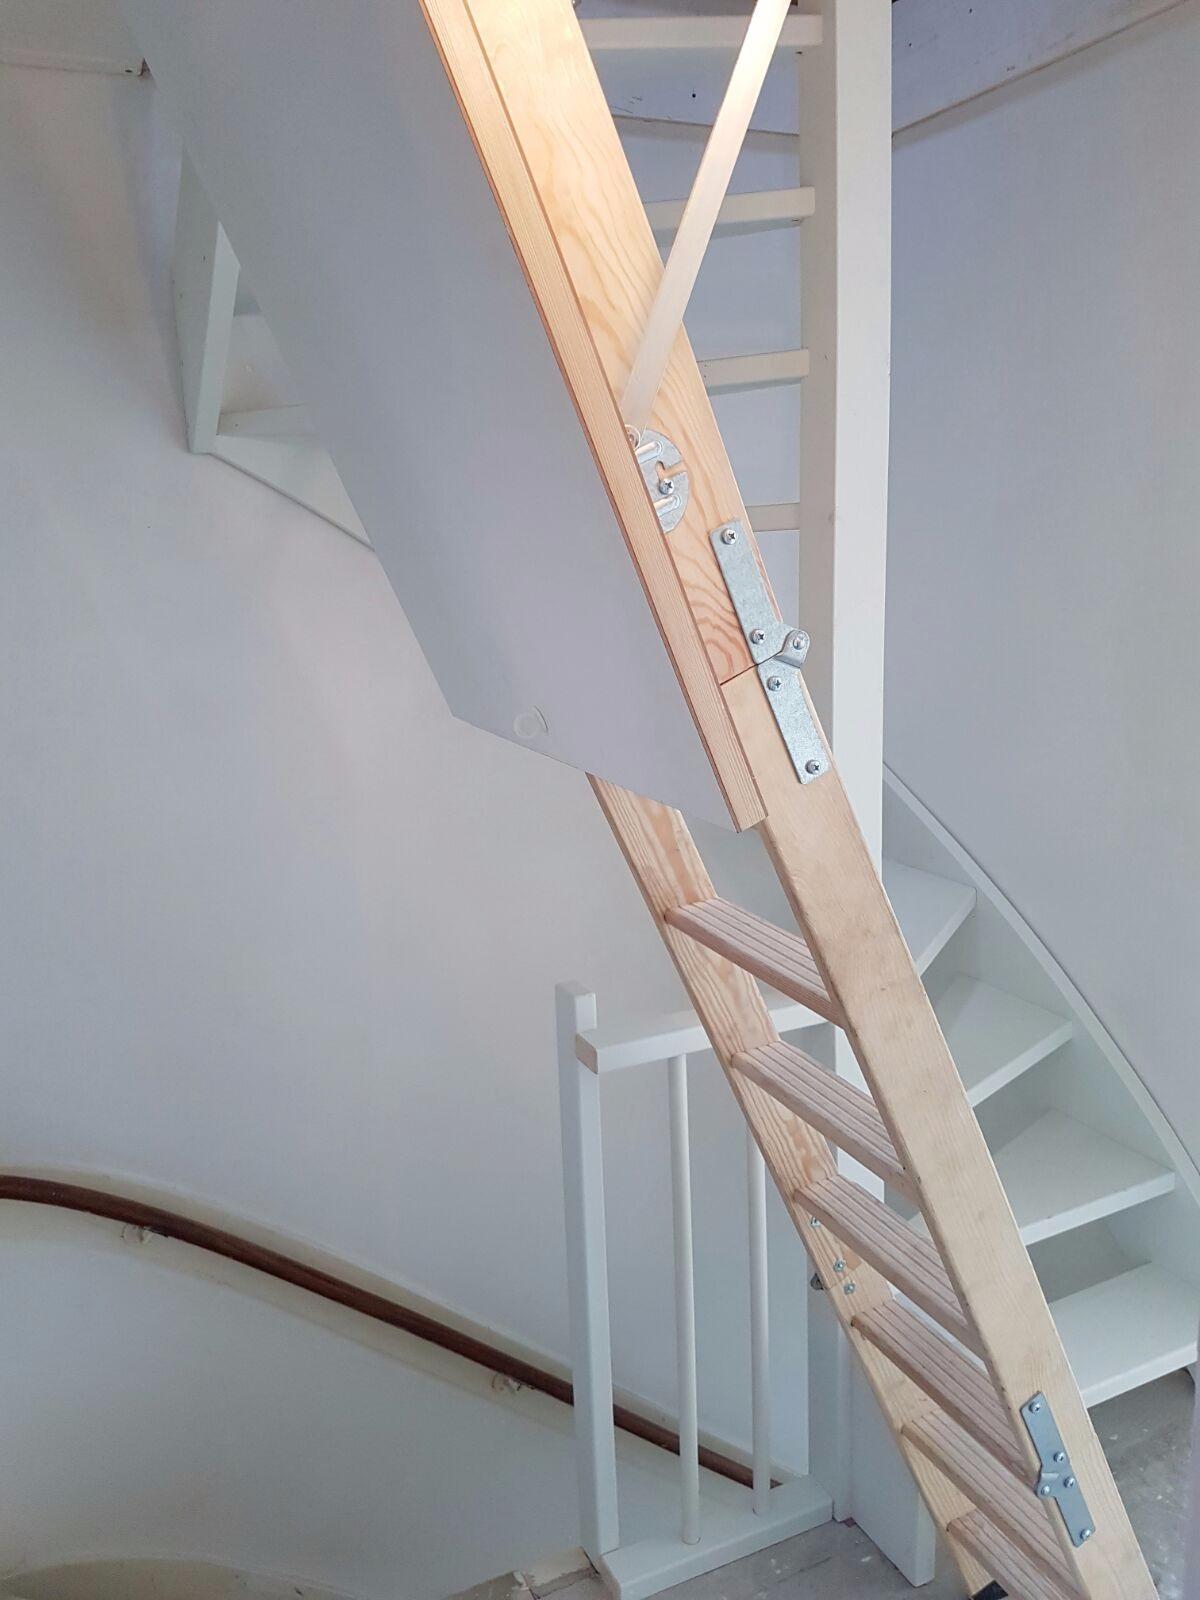 Fonkelnieuw Onze trappenfabriek - Vaste trap | Trappenspecialist De Kruijf Trappen KD-32